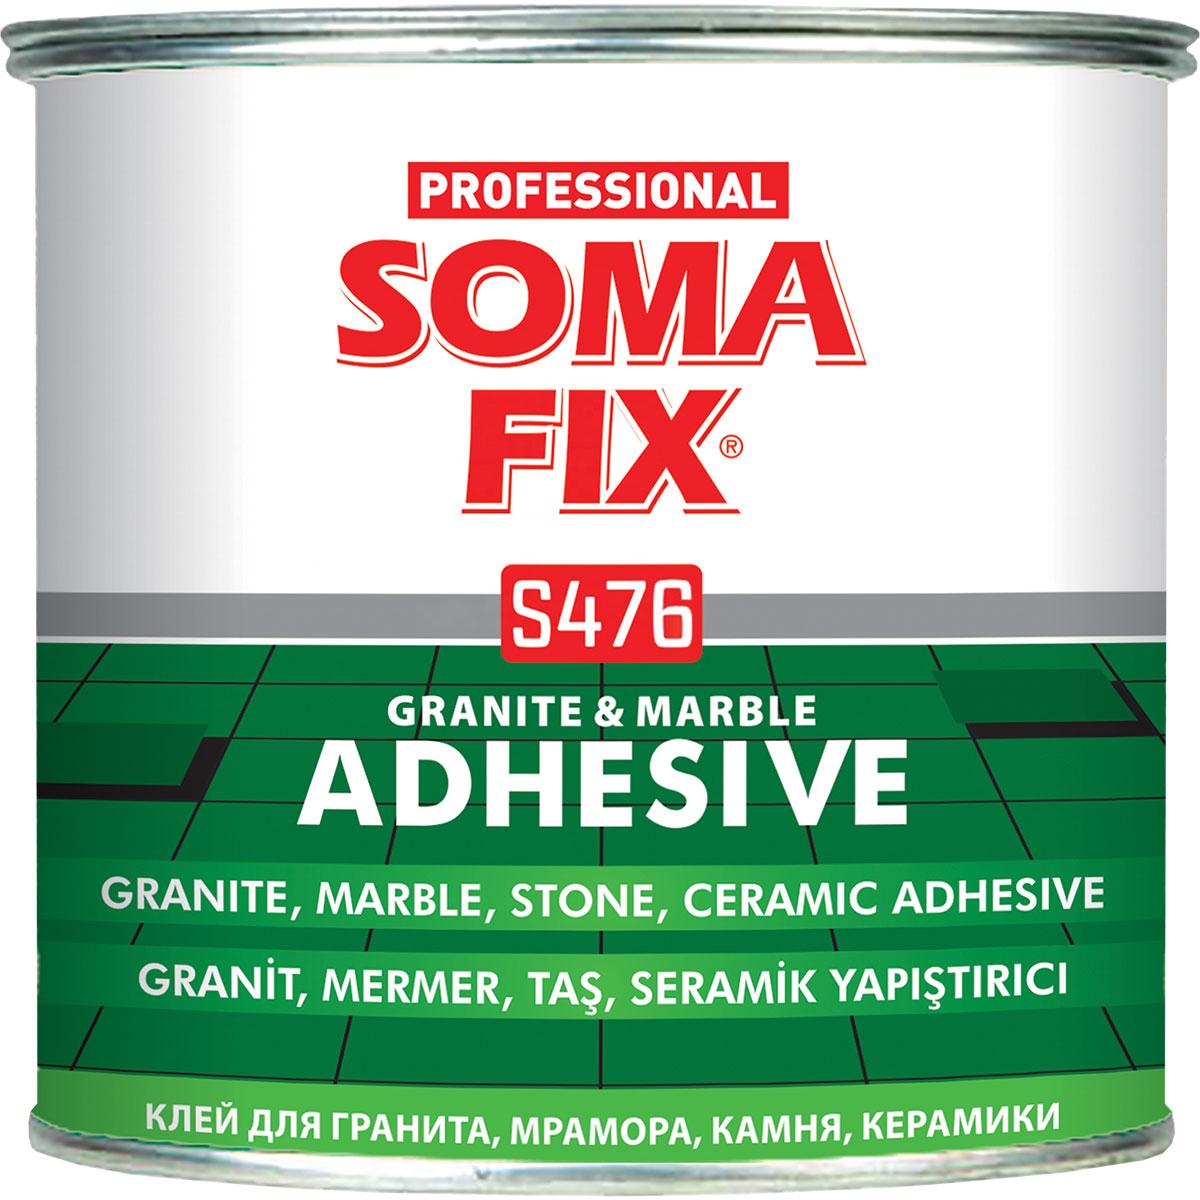 SFGR-1000 - Somafix lepak za granit S476 - 1000 g